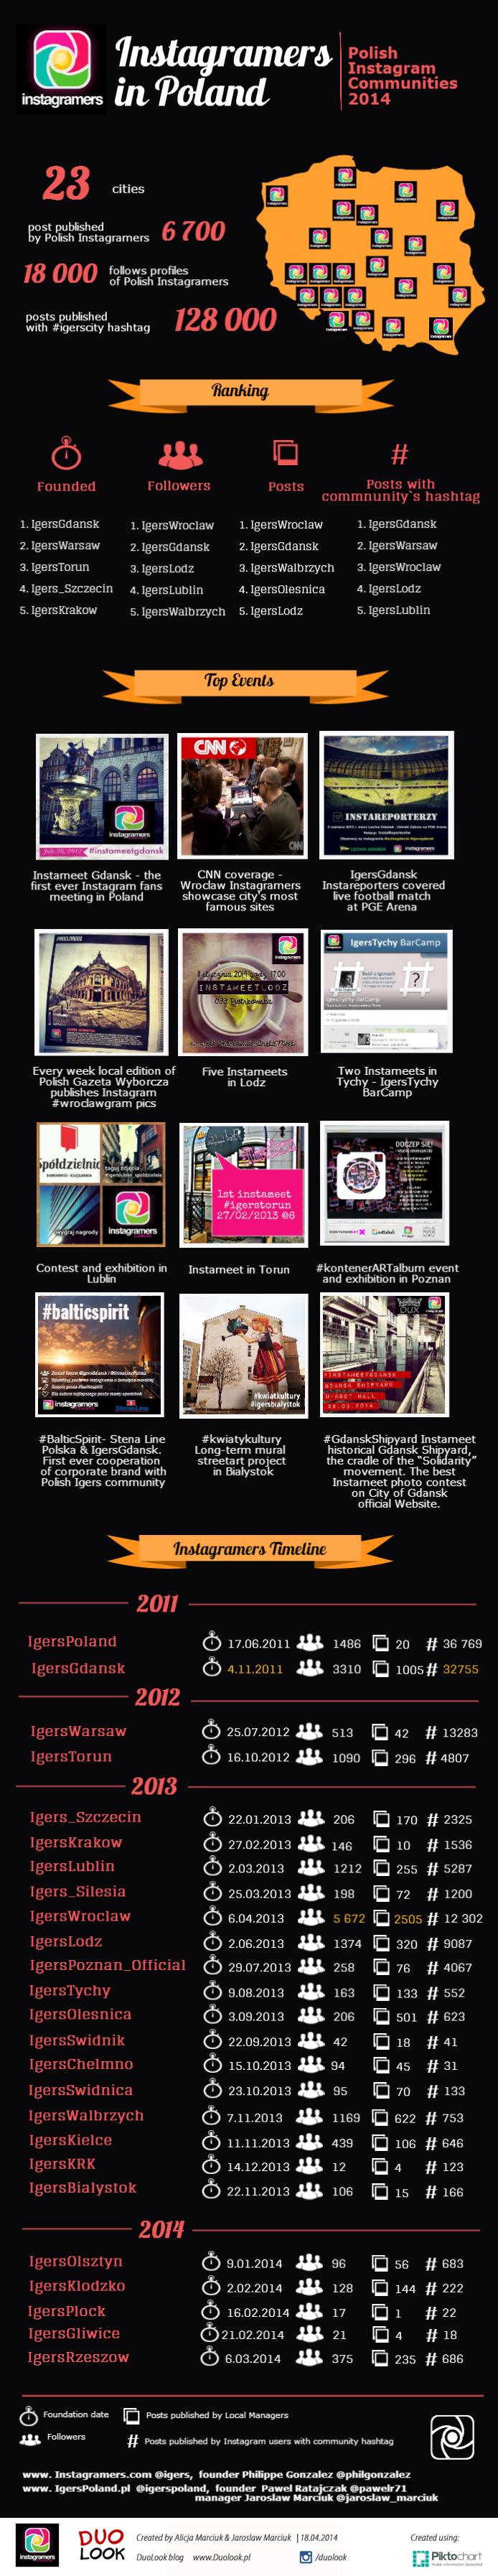 najpopularniejsze-instagramy-igerspoland-ranking-grupa-instagramers-polska-fotografia-mobilna-spolecznosc